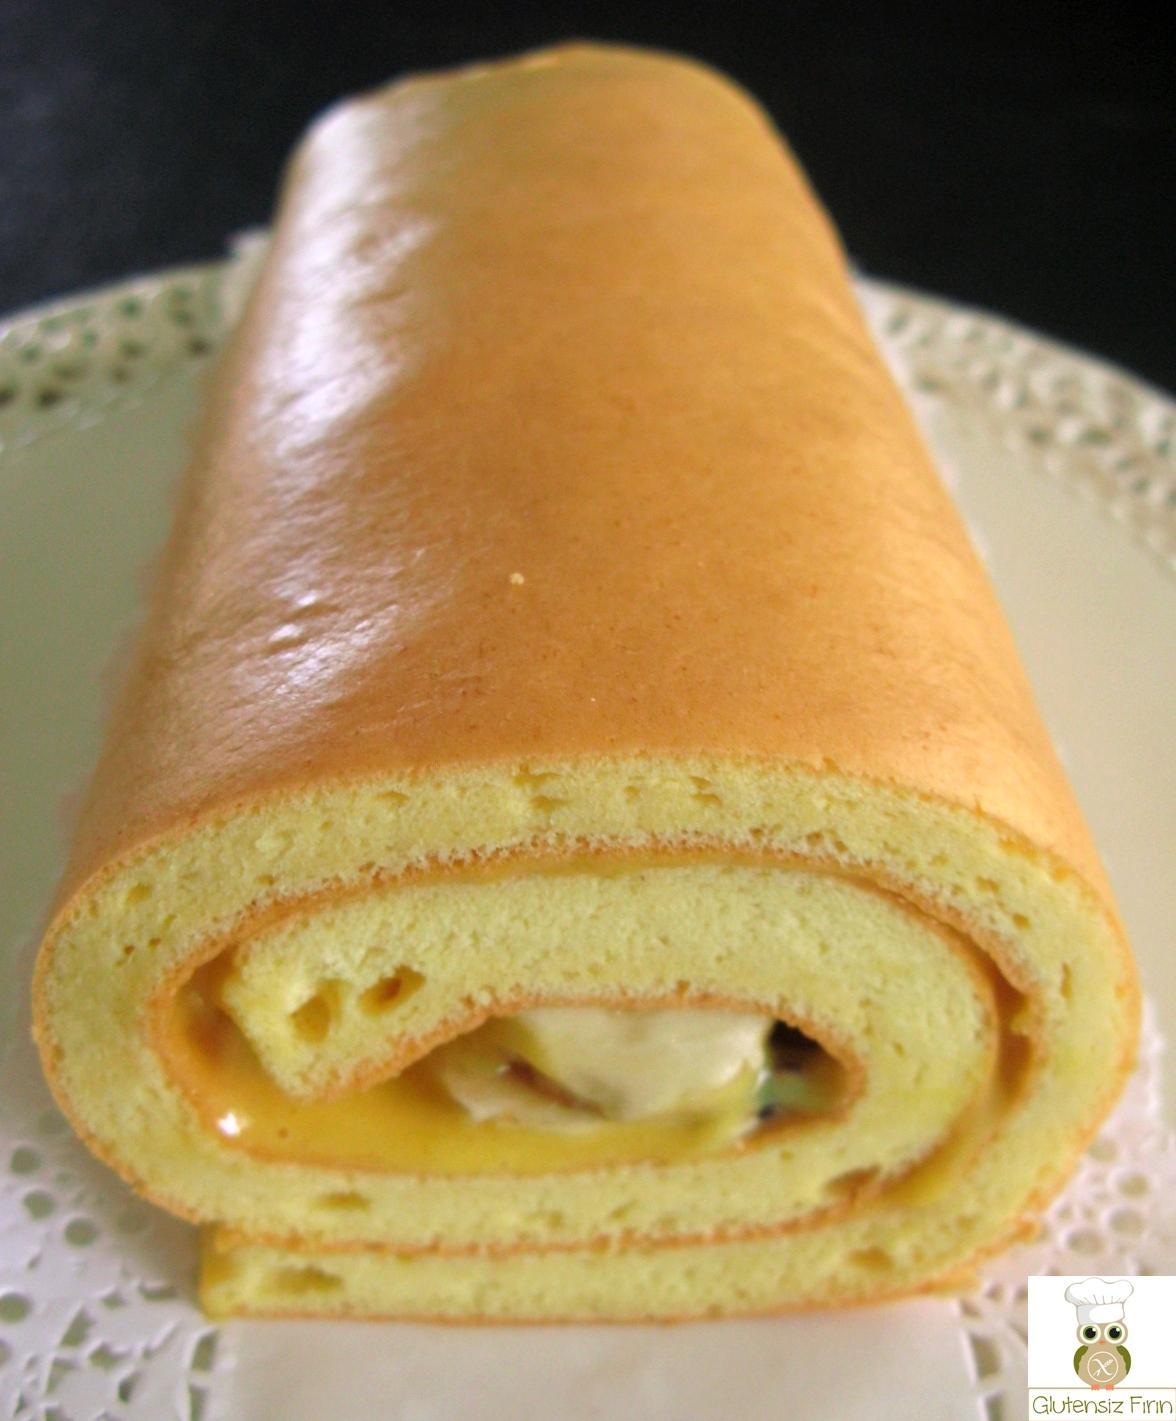 Glutensiz Meyveli Pasta | Glutensiz Fırın